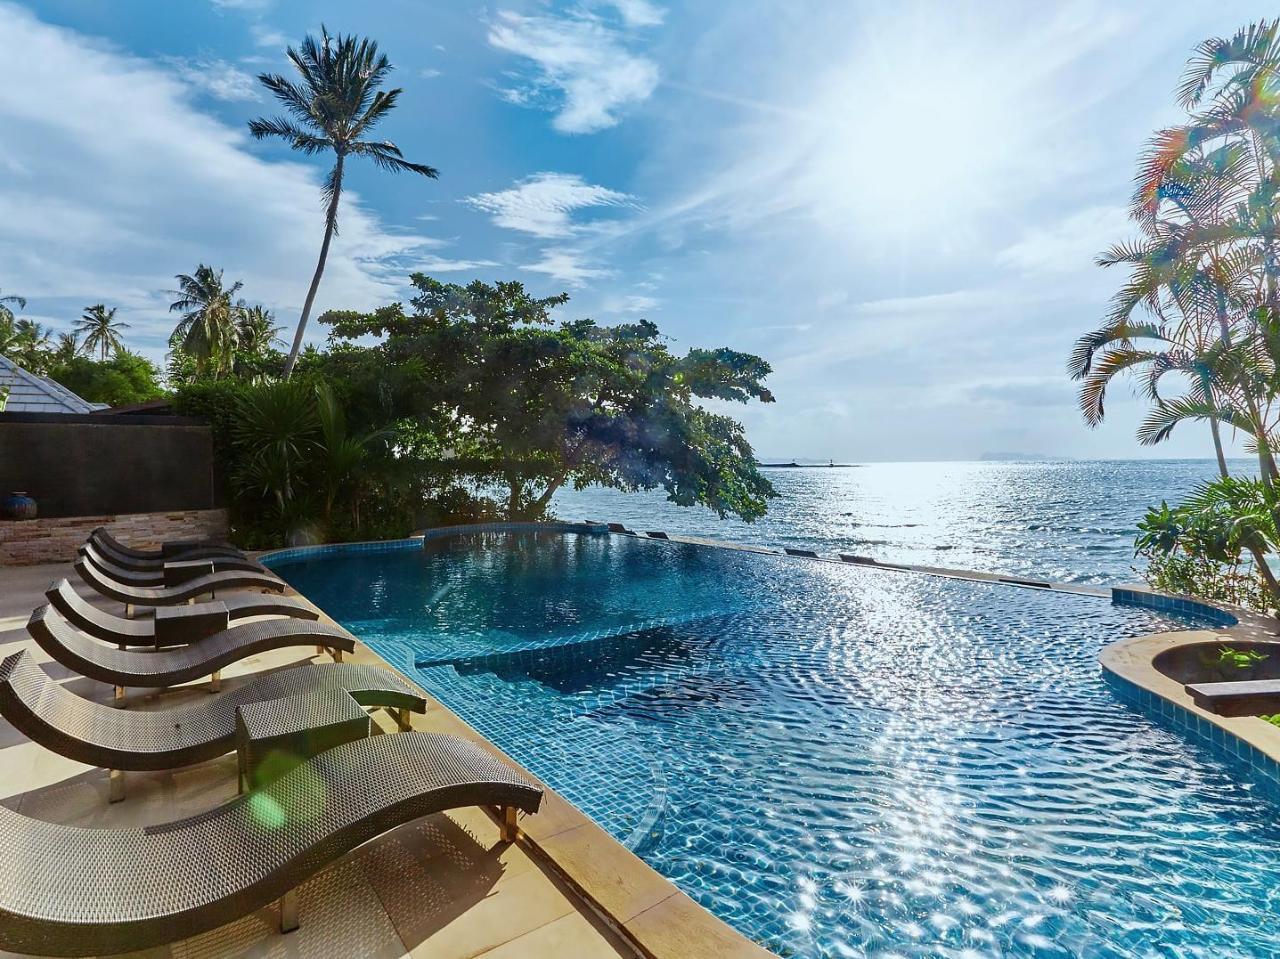 โรงแรมซีวาเล่ย์แอนด์สปา (Sea Valley Hotel & Spa)